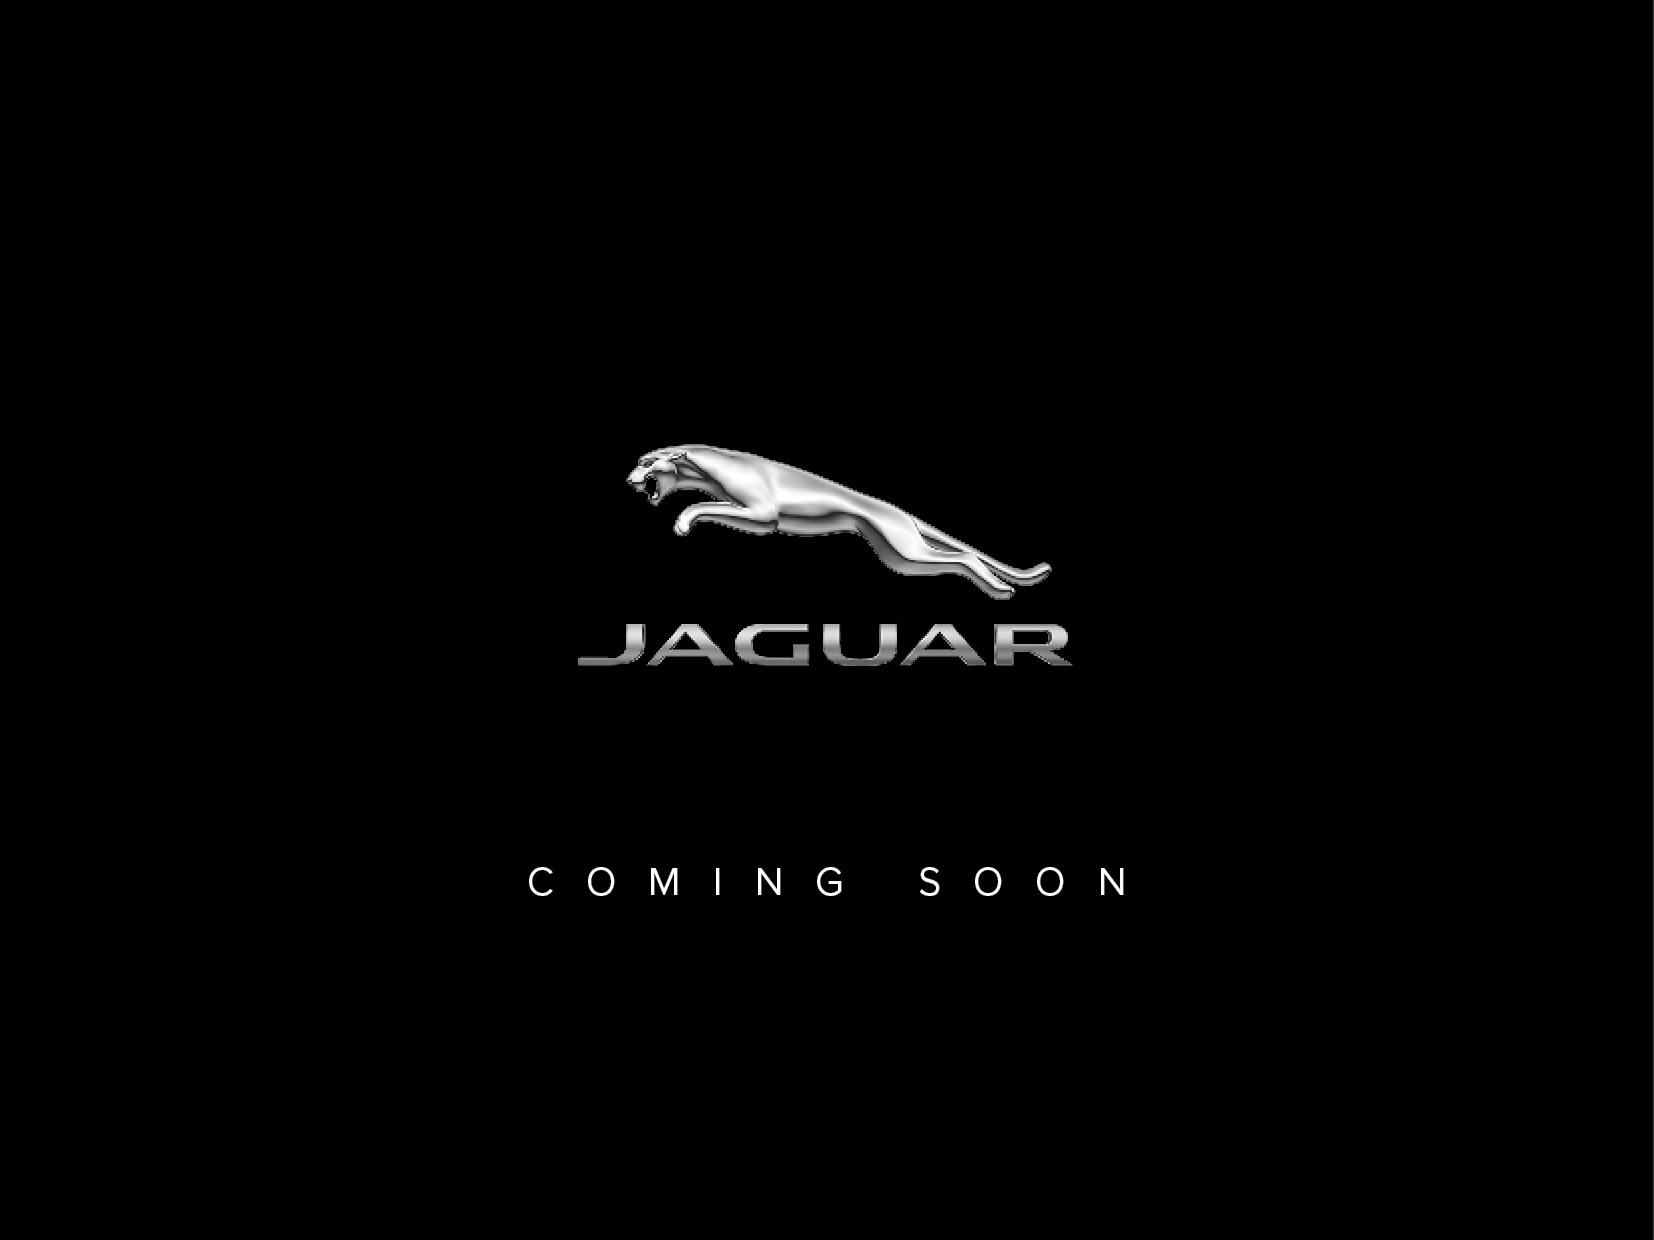 Jaguar XE 2.0 [240] R-Sport Automatic 4 door Saloon (2016) image